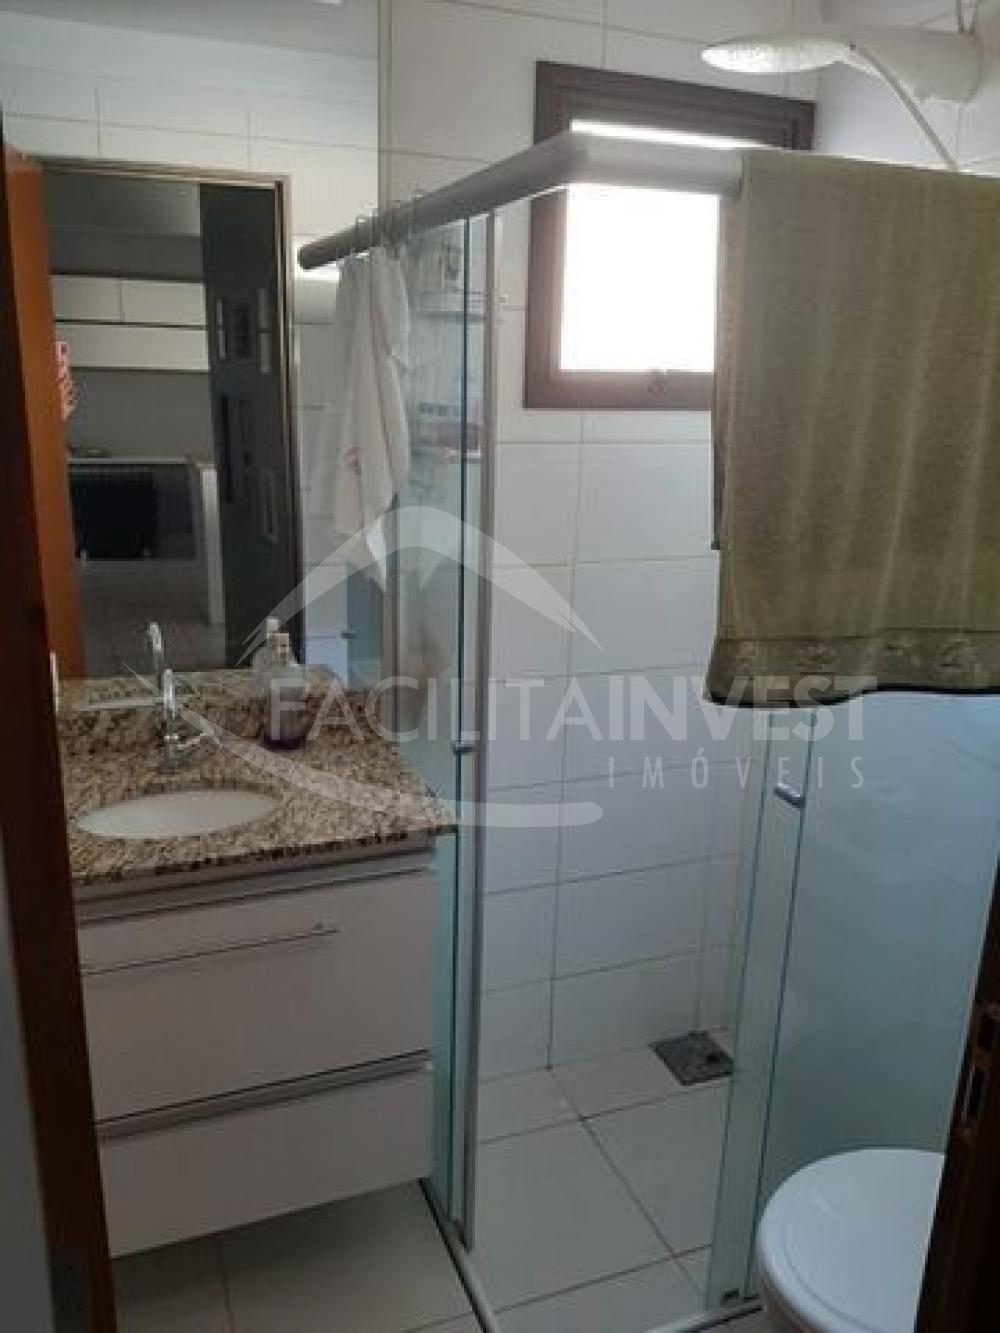 Alugar Apartamentos / Apartamento Mobiliado em Ribeirão Preto apenas R$ 1.400,00 - Foto 6